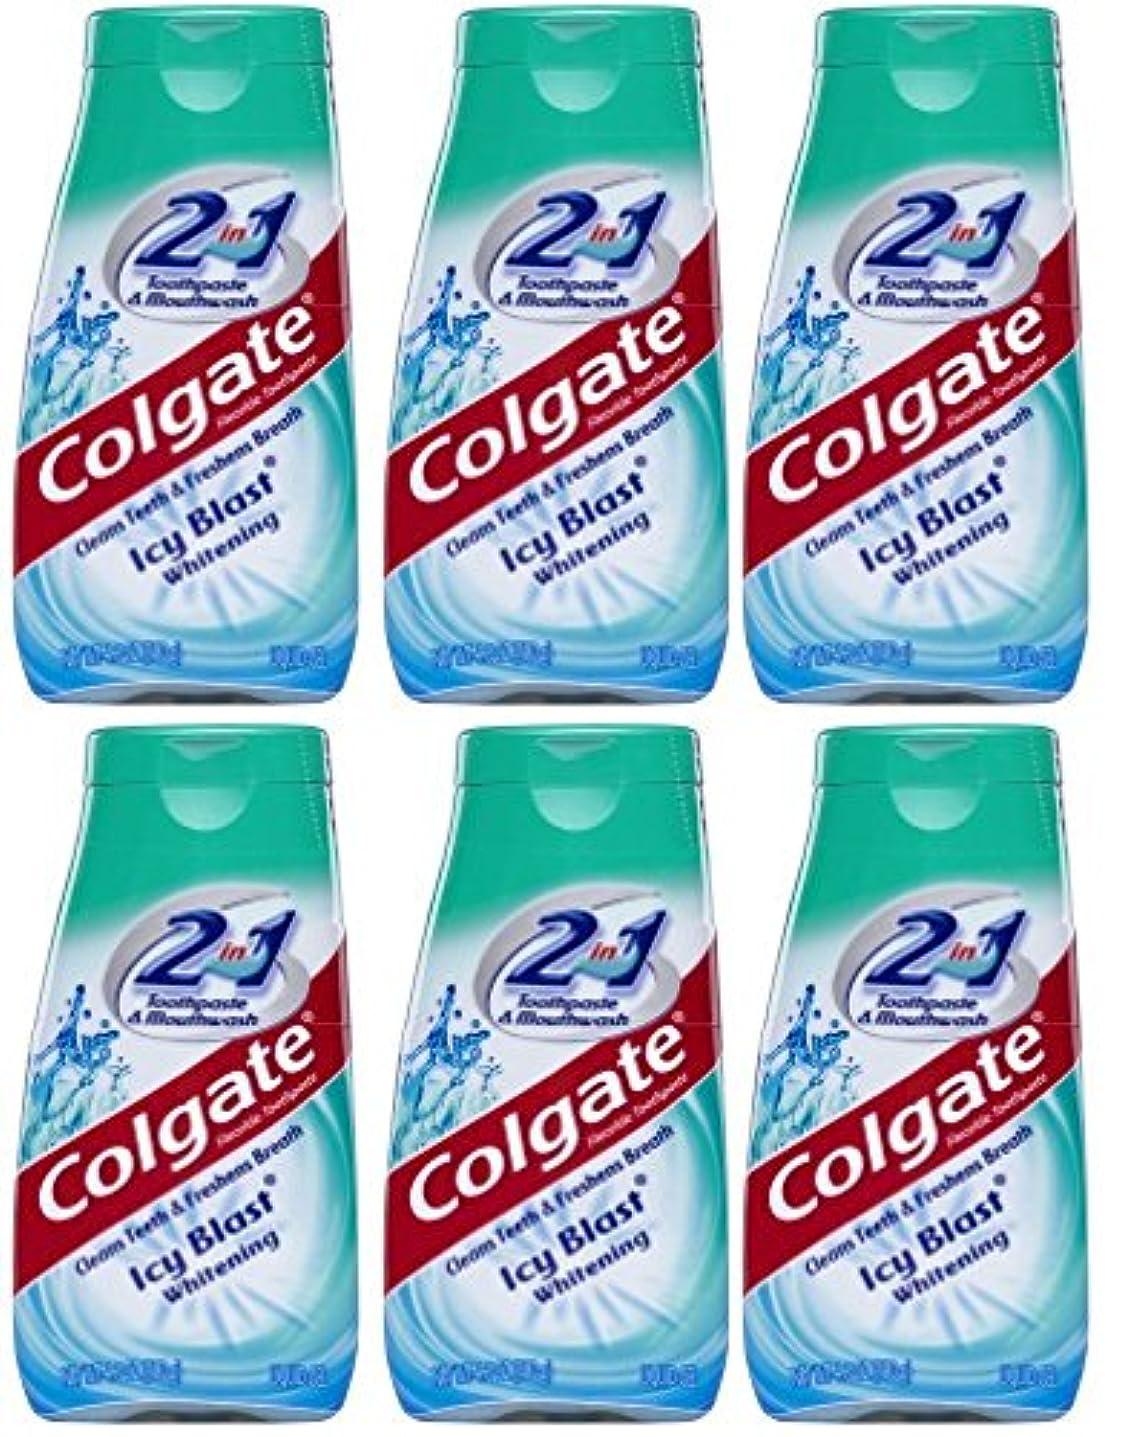 チャーミング移植手がかりColgate 2-IN-1歯磨き粉およびマウスウォッシュ、美白アイシーブラスト、4.6オンスチューブ(6パック) 6パック